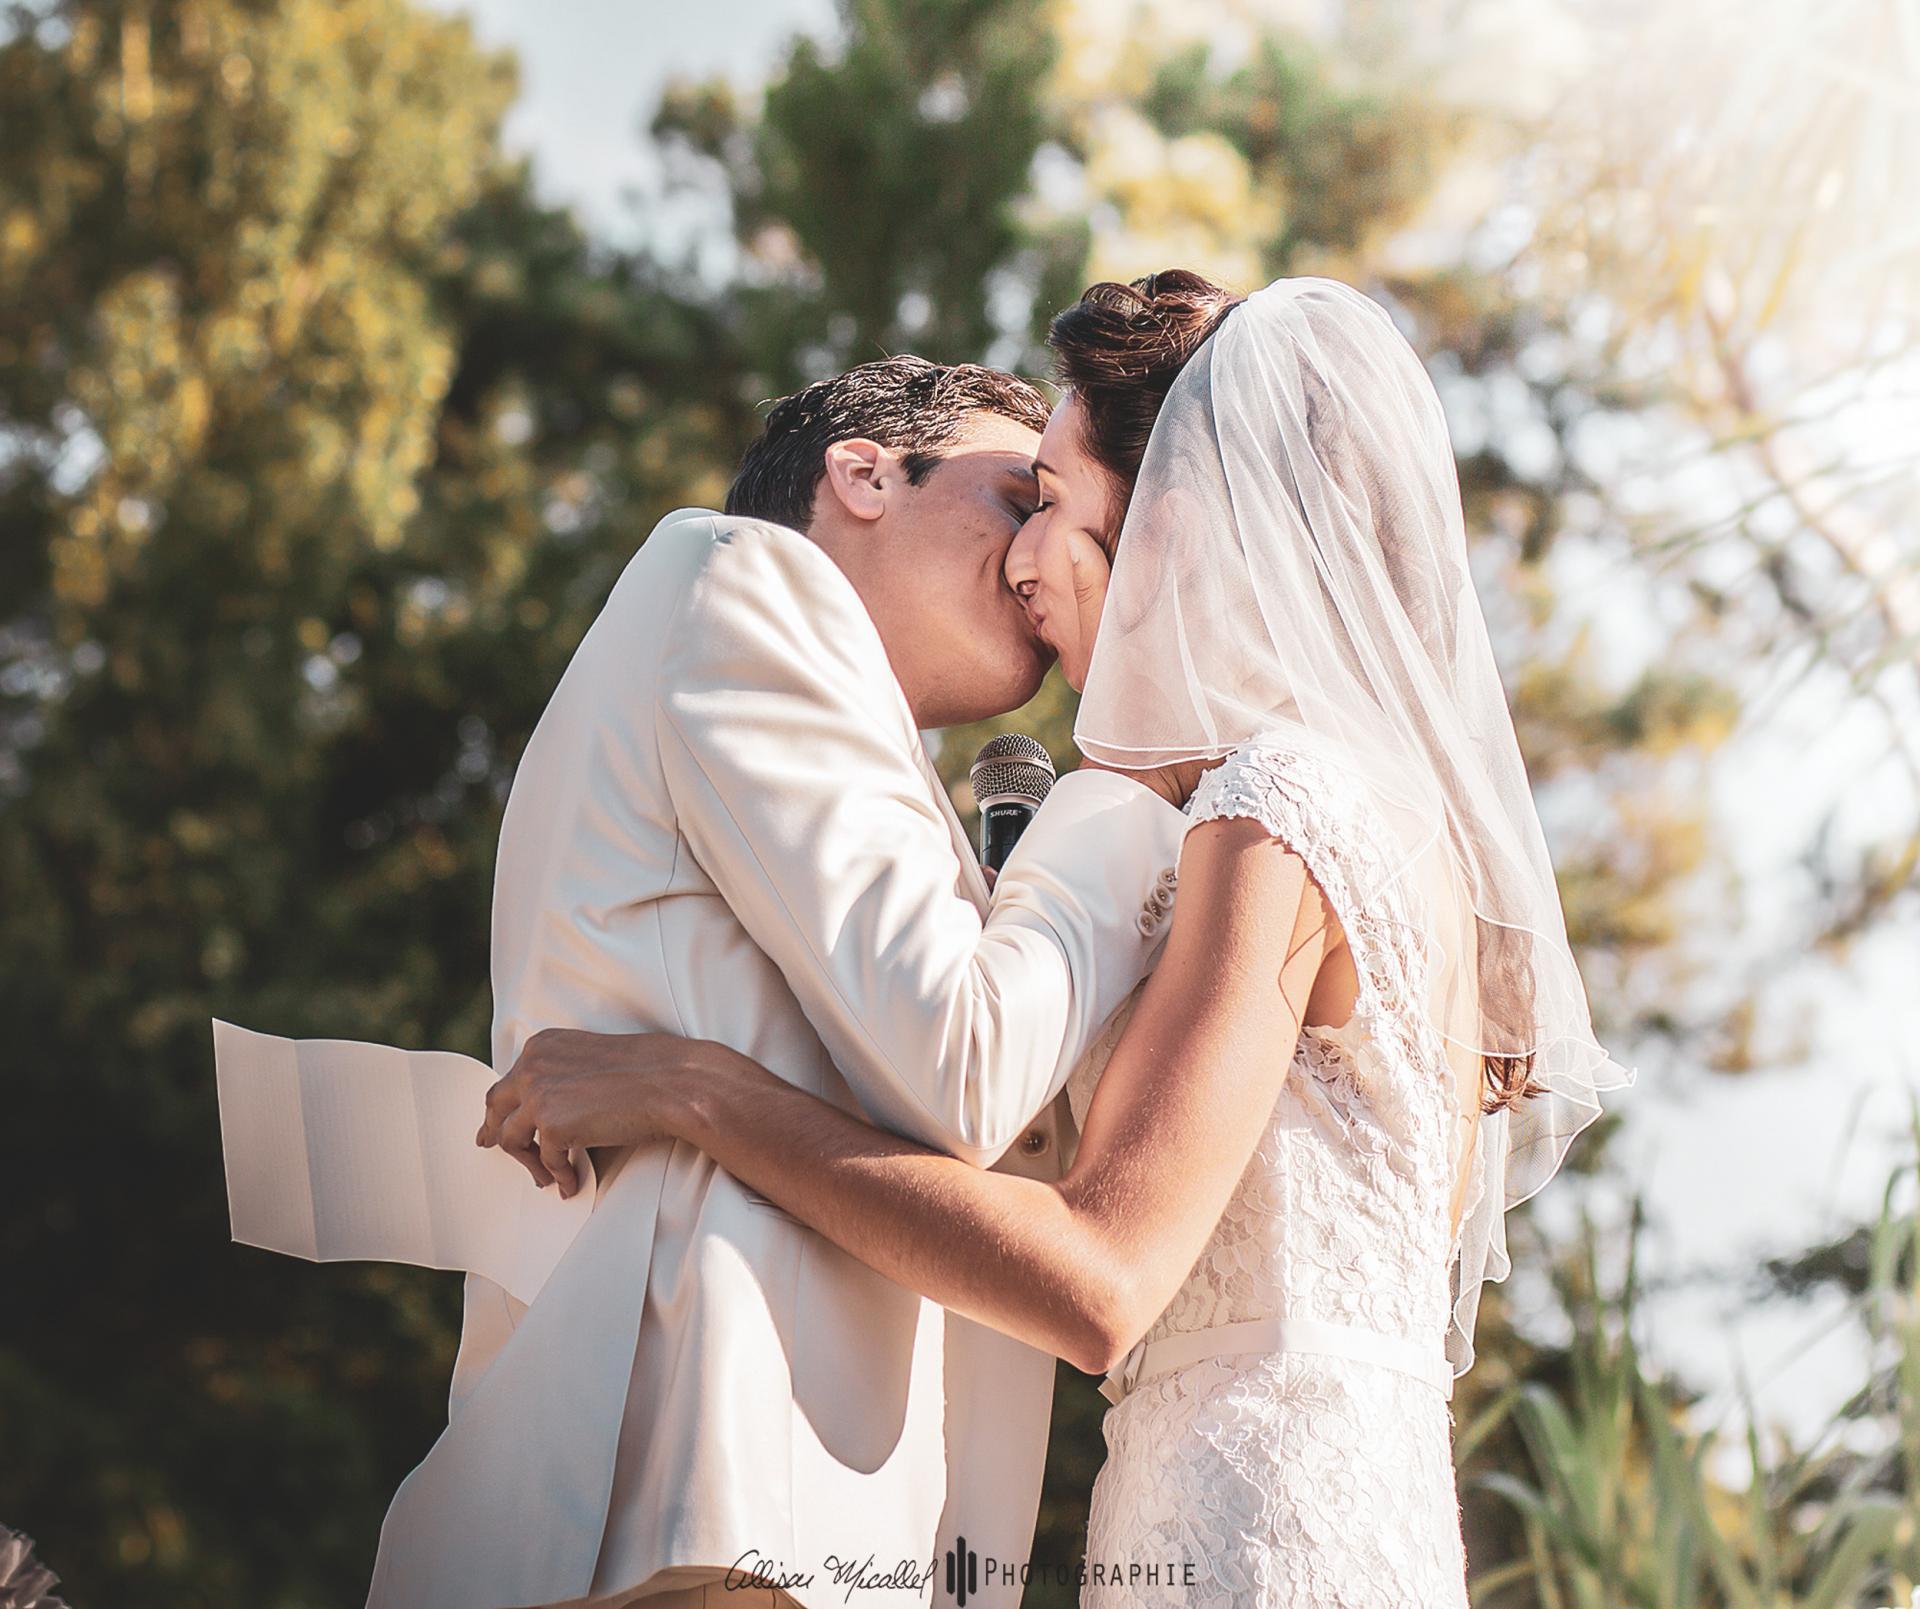 Recherche photographe mariage dax